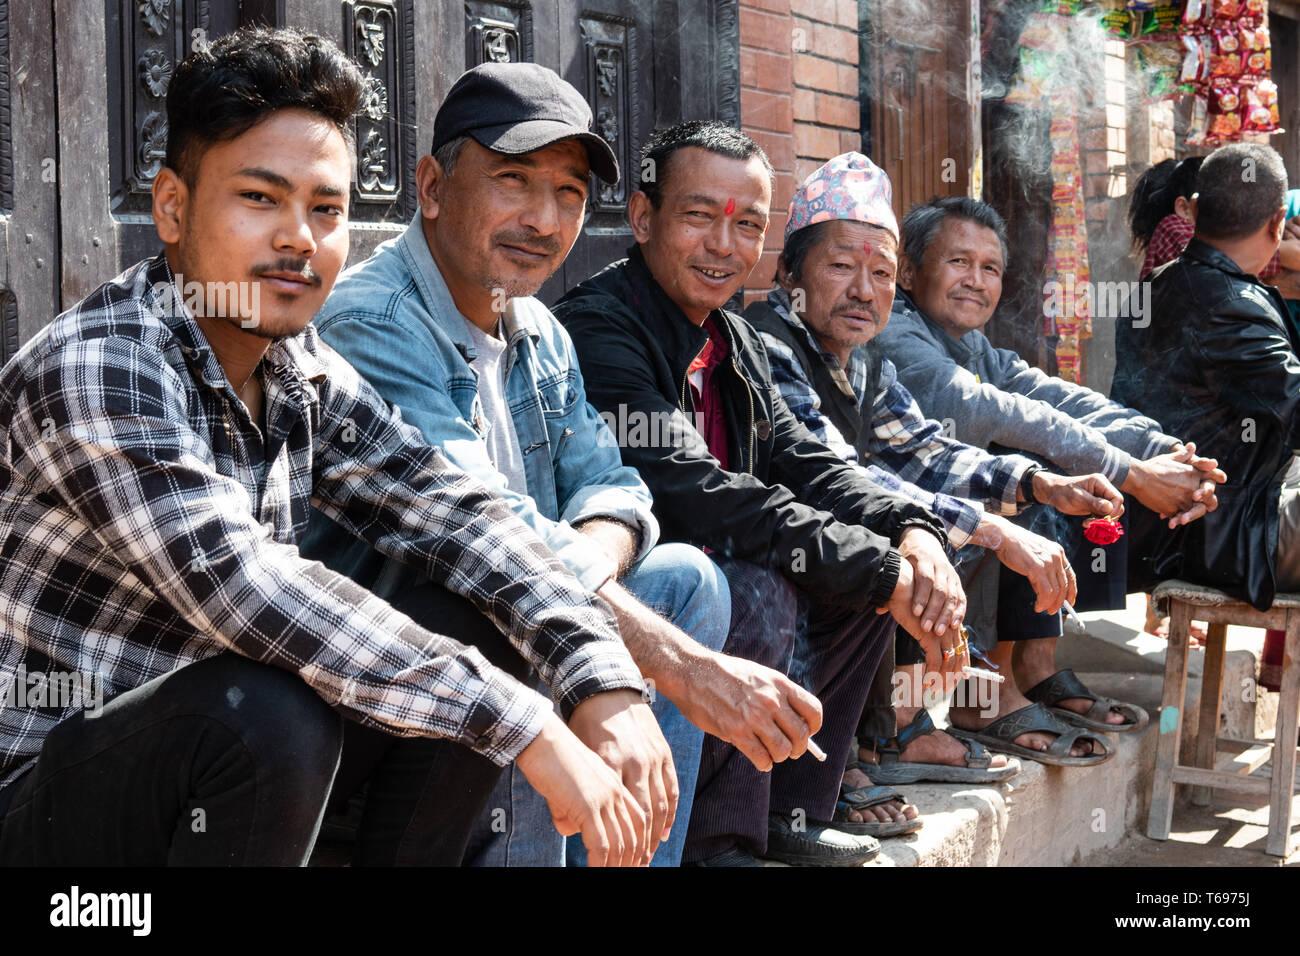 Bhaktapur, Tal von Kathmandu/Nepal - 17. April 2019 - Gruppe 5 Männer sitzen zusammen in der Stadt. Stockbild